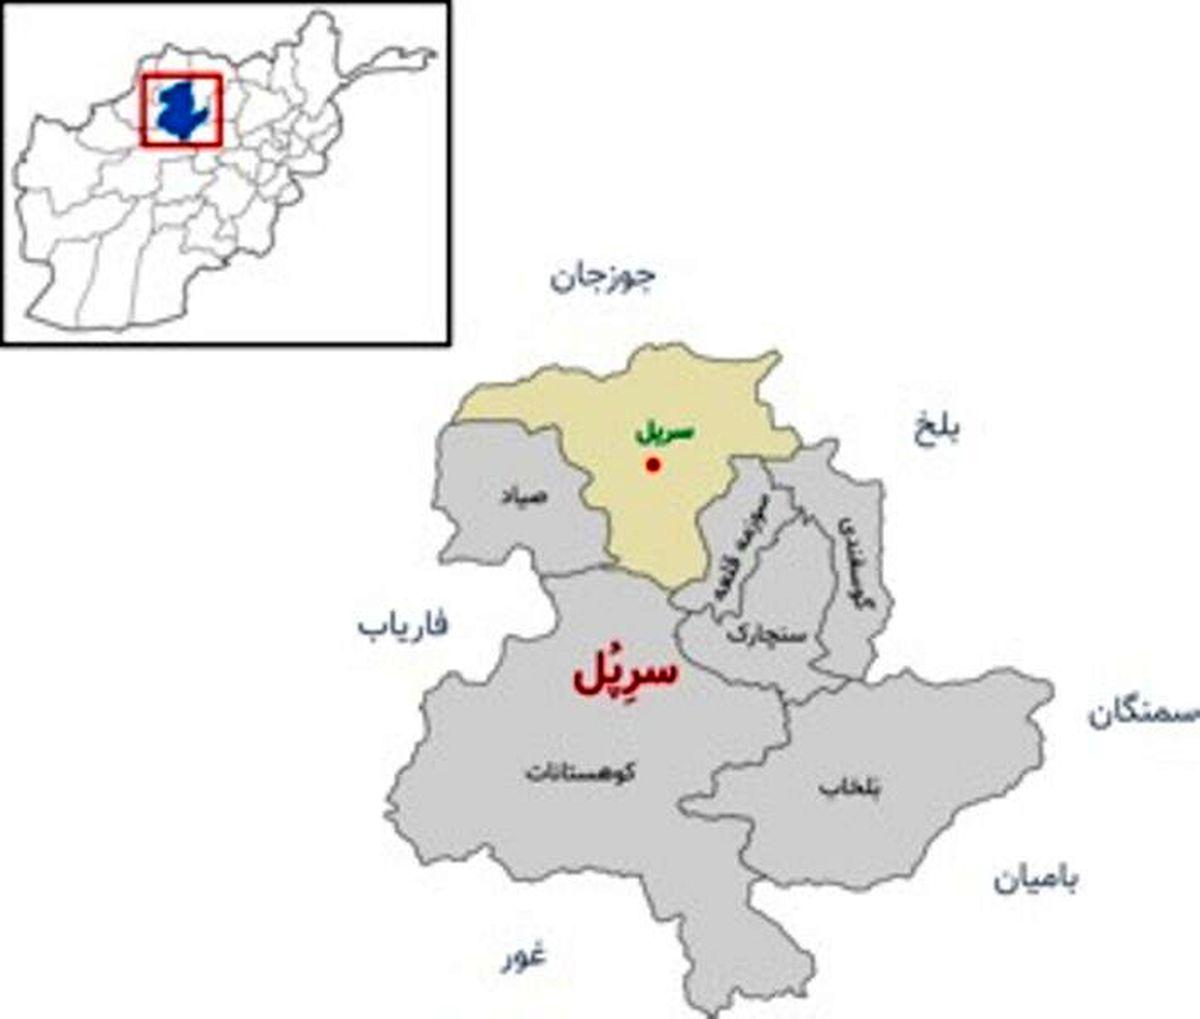 مرکز استان سرپل در شمال افغانستان بدست طالبان افتاد